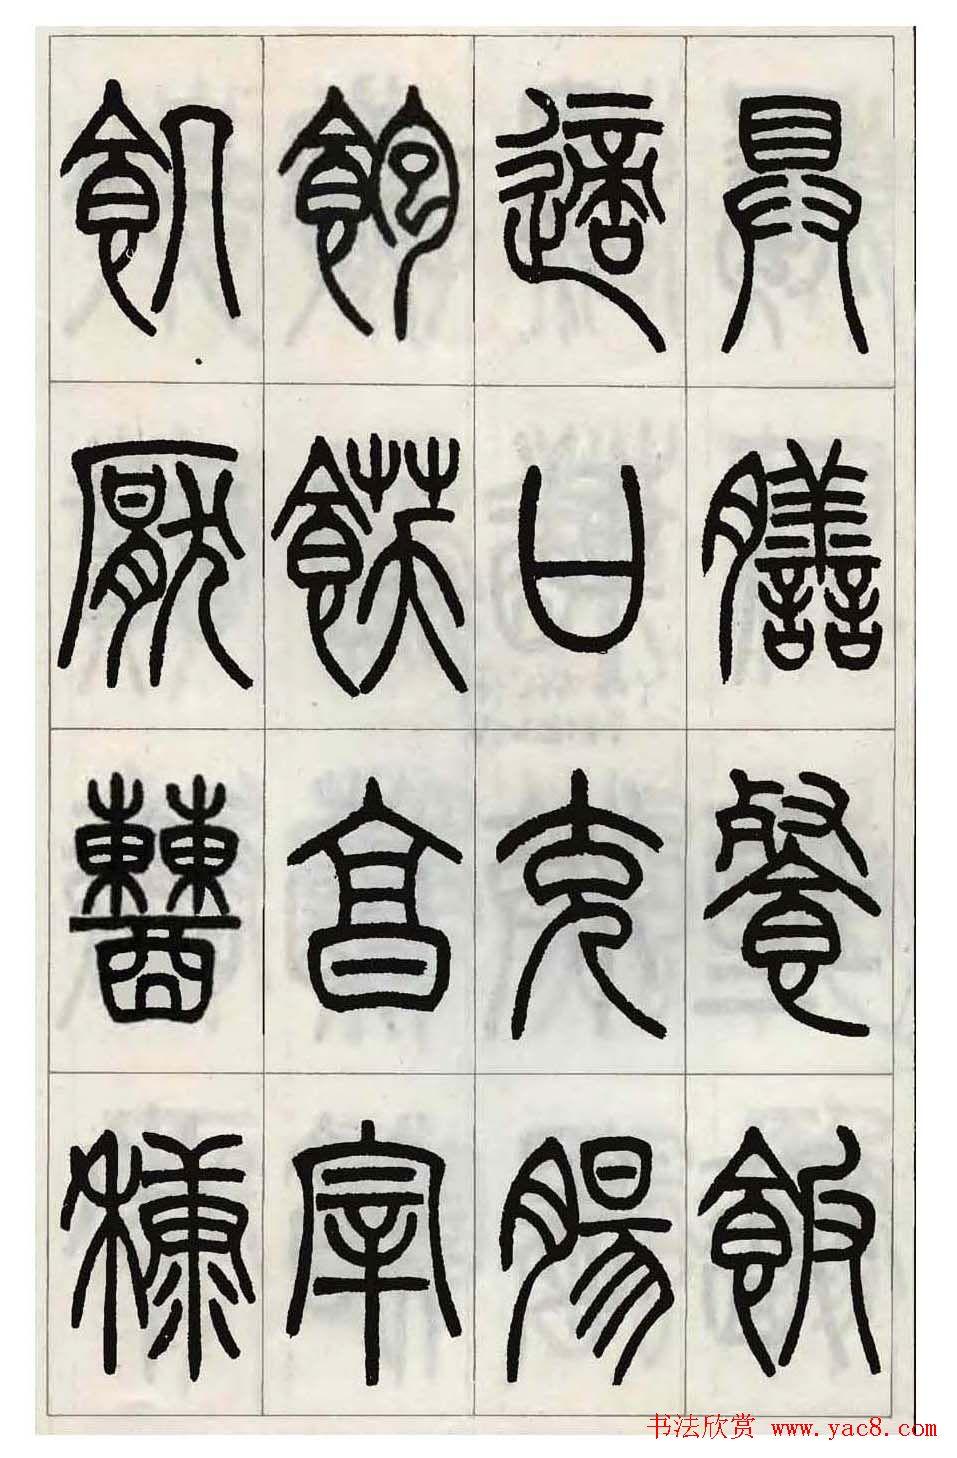 张永明小篆书法欣赏 千字文 第52页 篆书字帖 书法欣赏